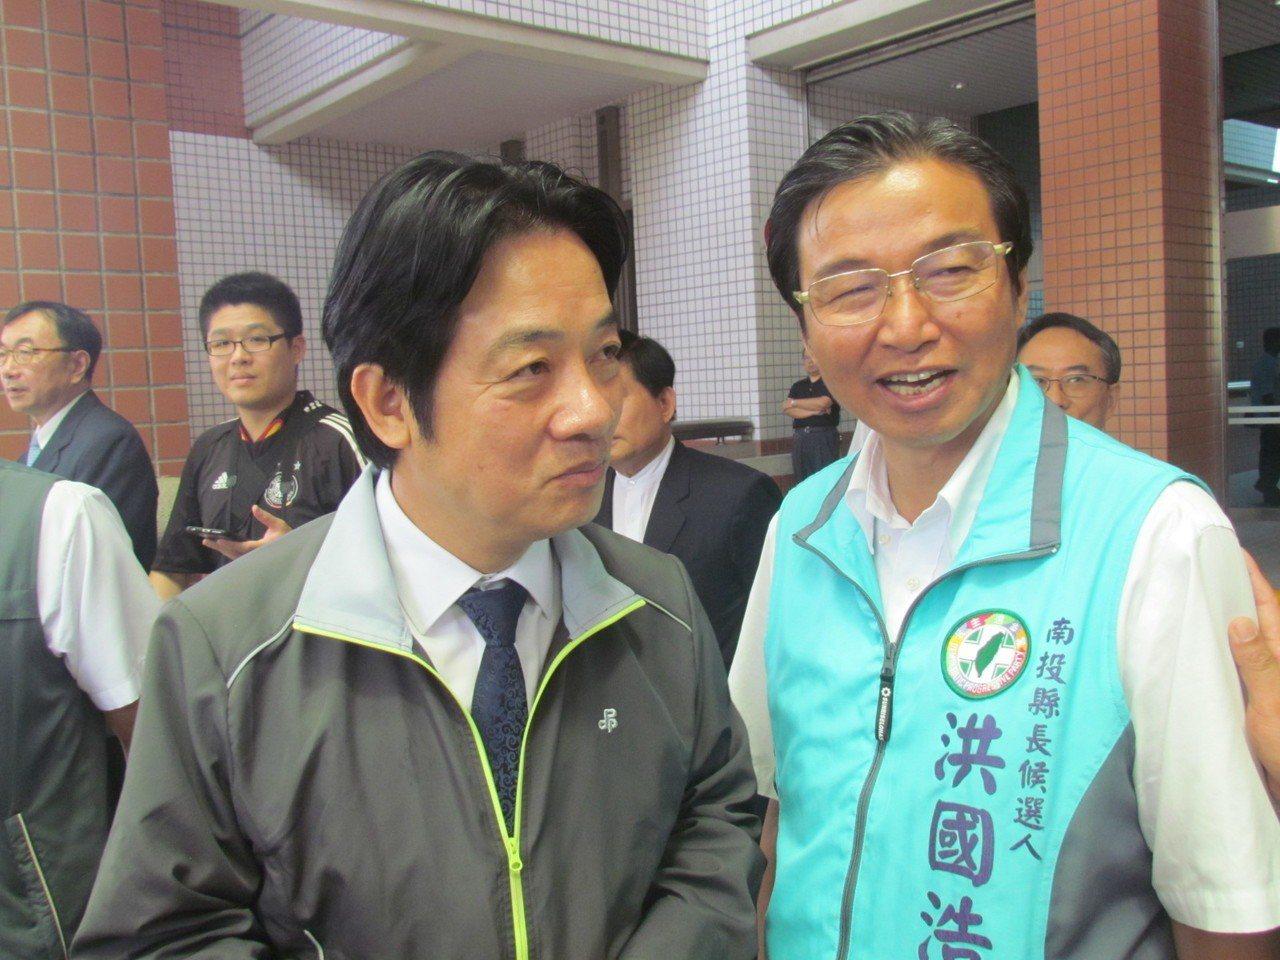 行政院長賴清德(左)曾多次到南投,幫洪國浩助選。圖/本報資料照片